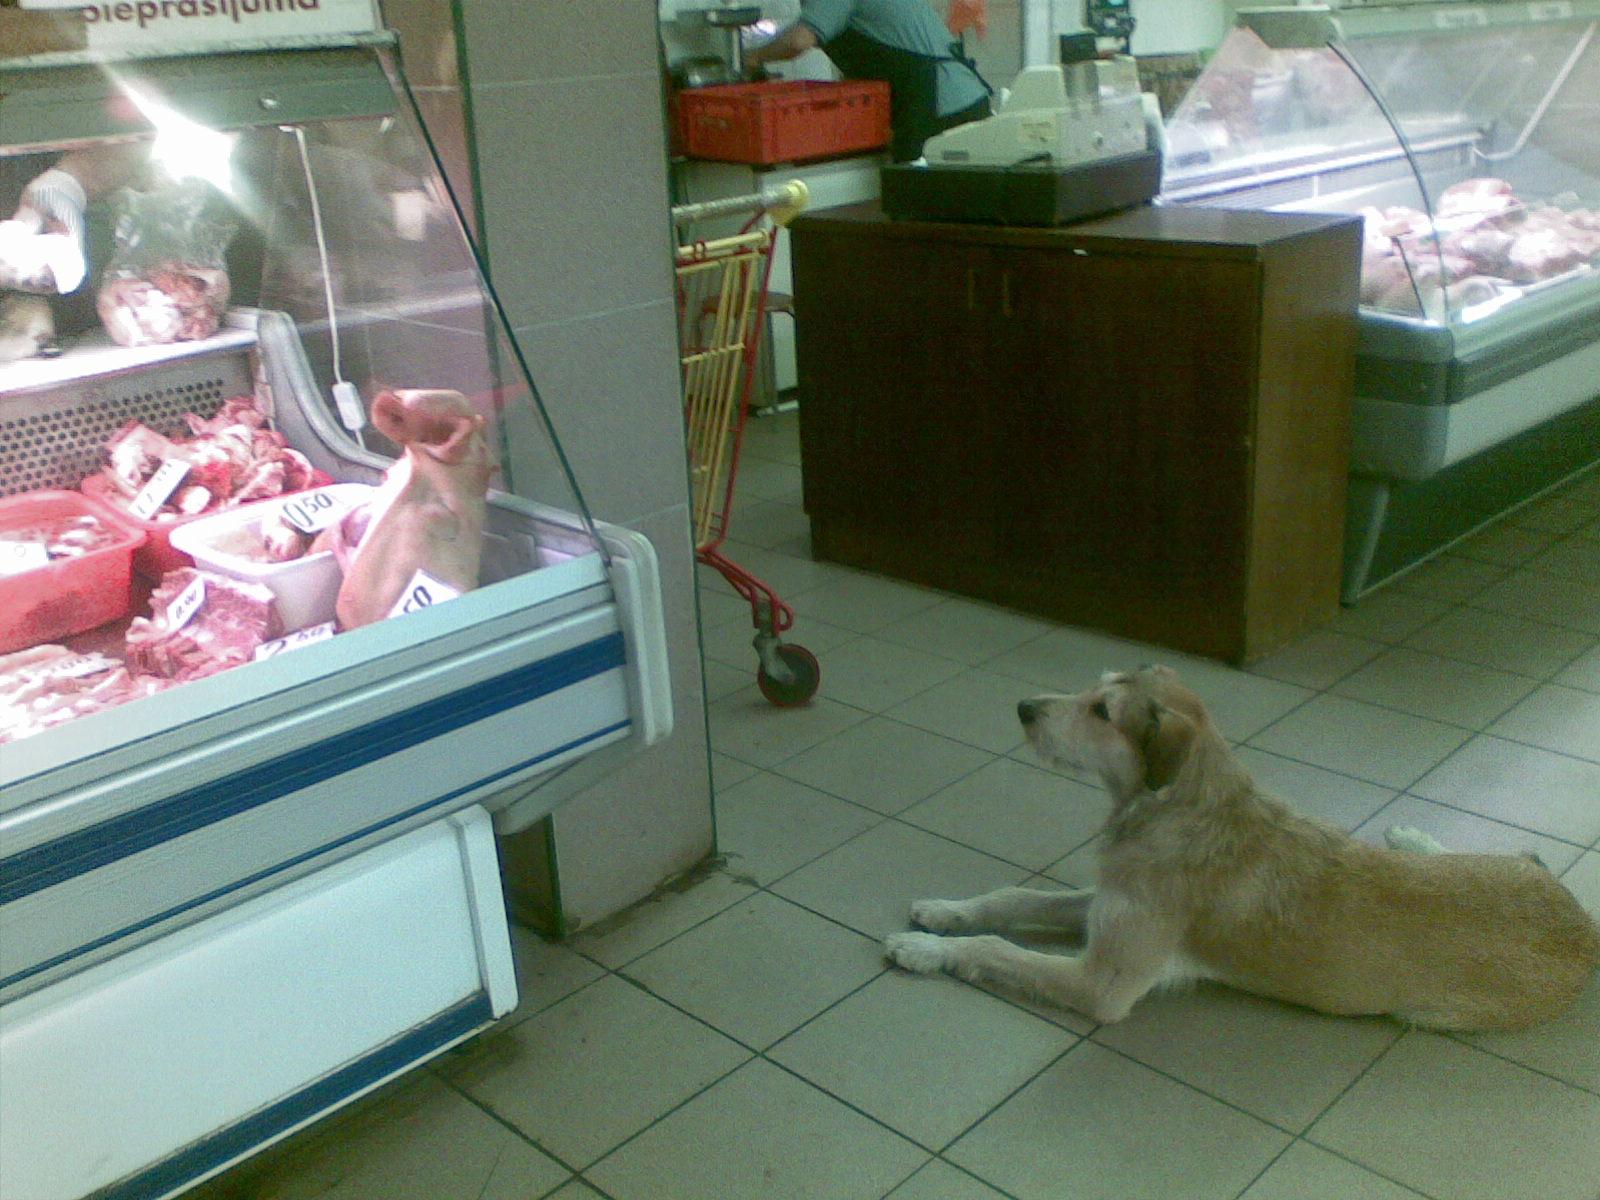 suns un viņa sapņi